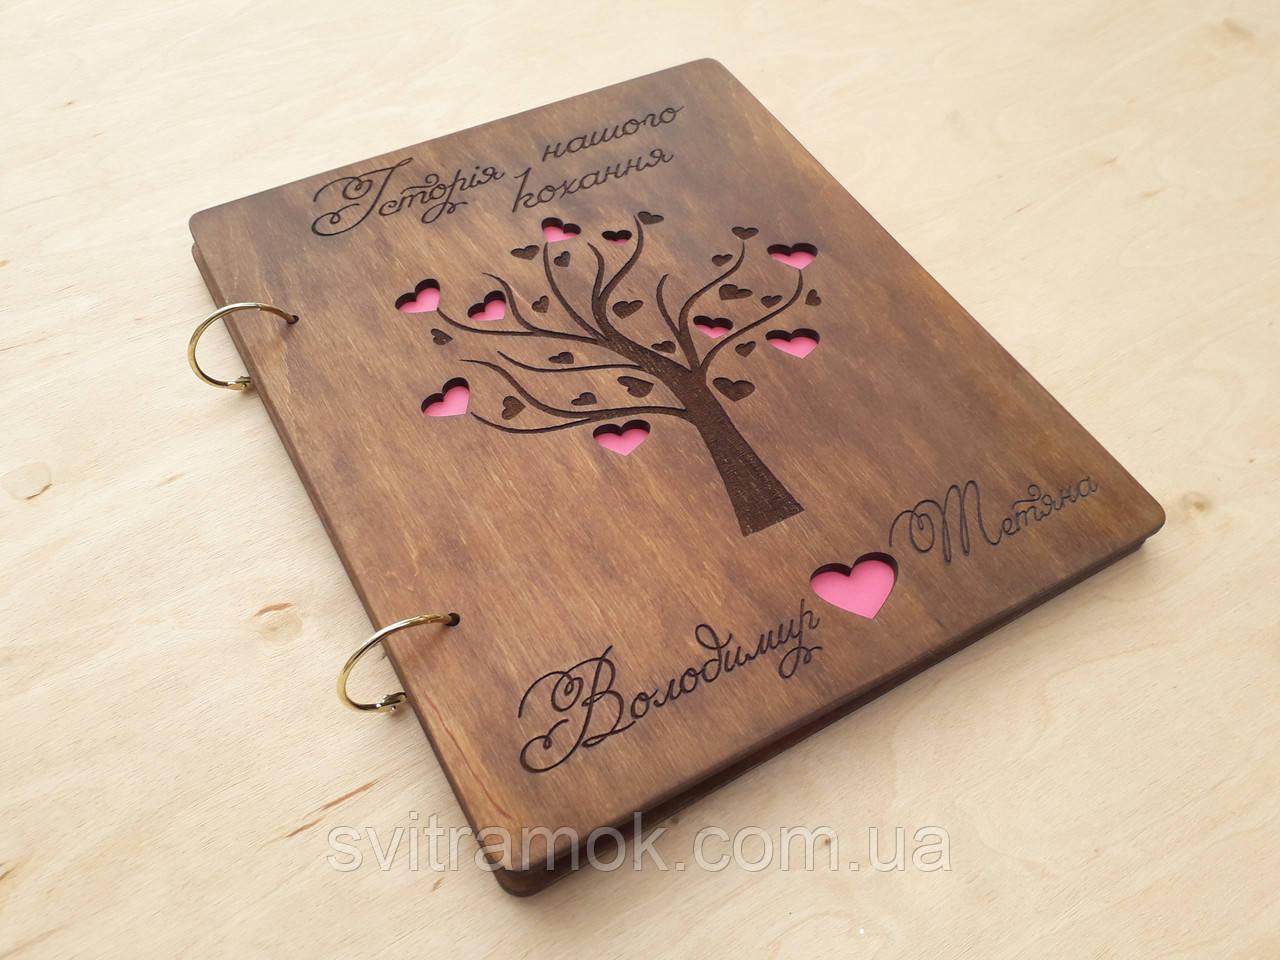 Фотоальбом з дерев'яна яною обкладинкою